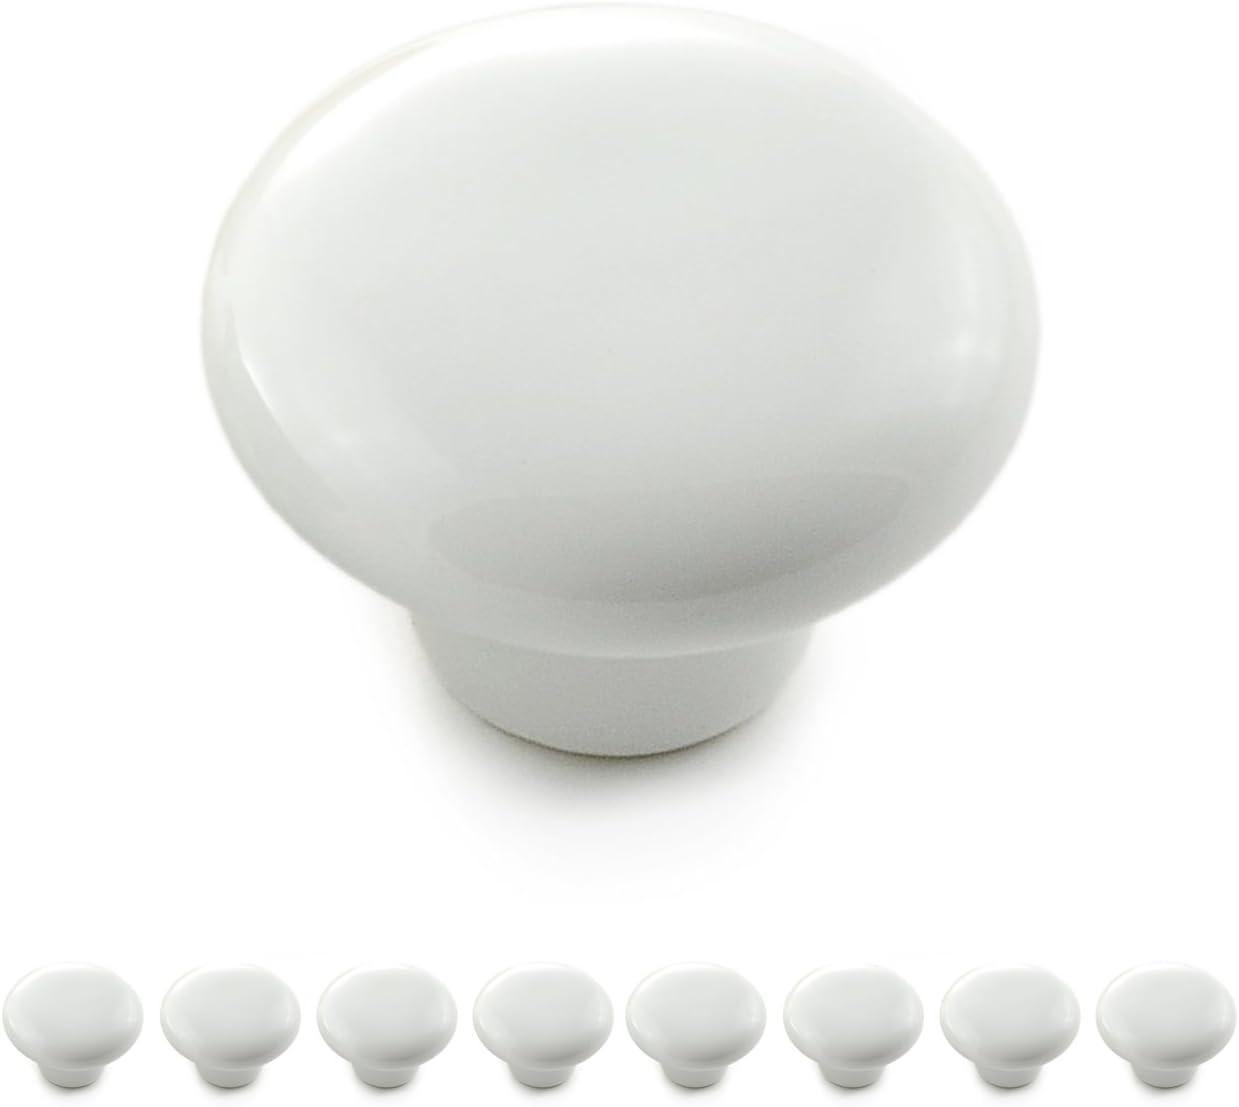 poign/ée en c/éramique couleur: noir bouton de tiroir bouton de meuble Poign/ée-bouton rond en porcelaine lot de 8 boutons bouton de placard vintage de la marque Ganzoo relooking d/éco int/érieur